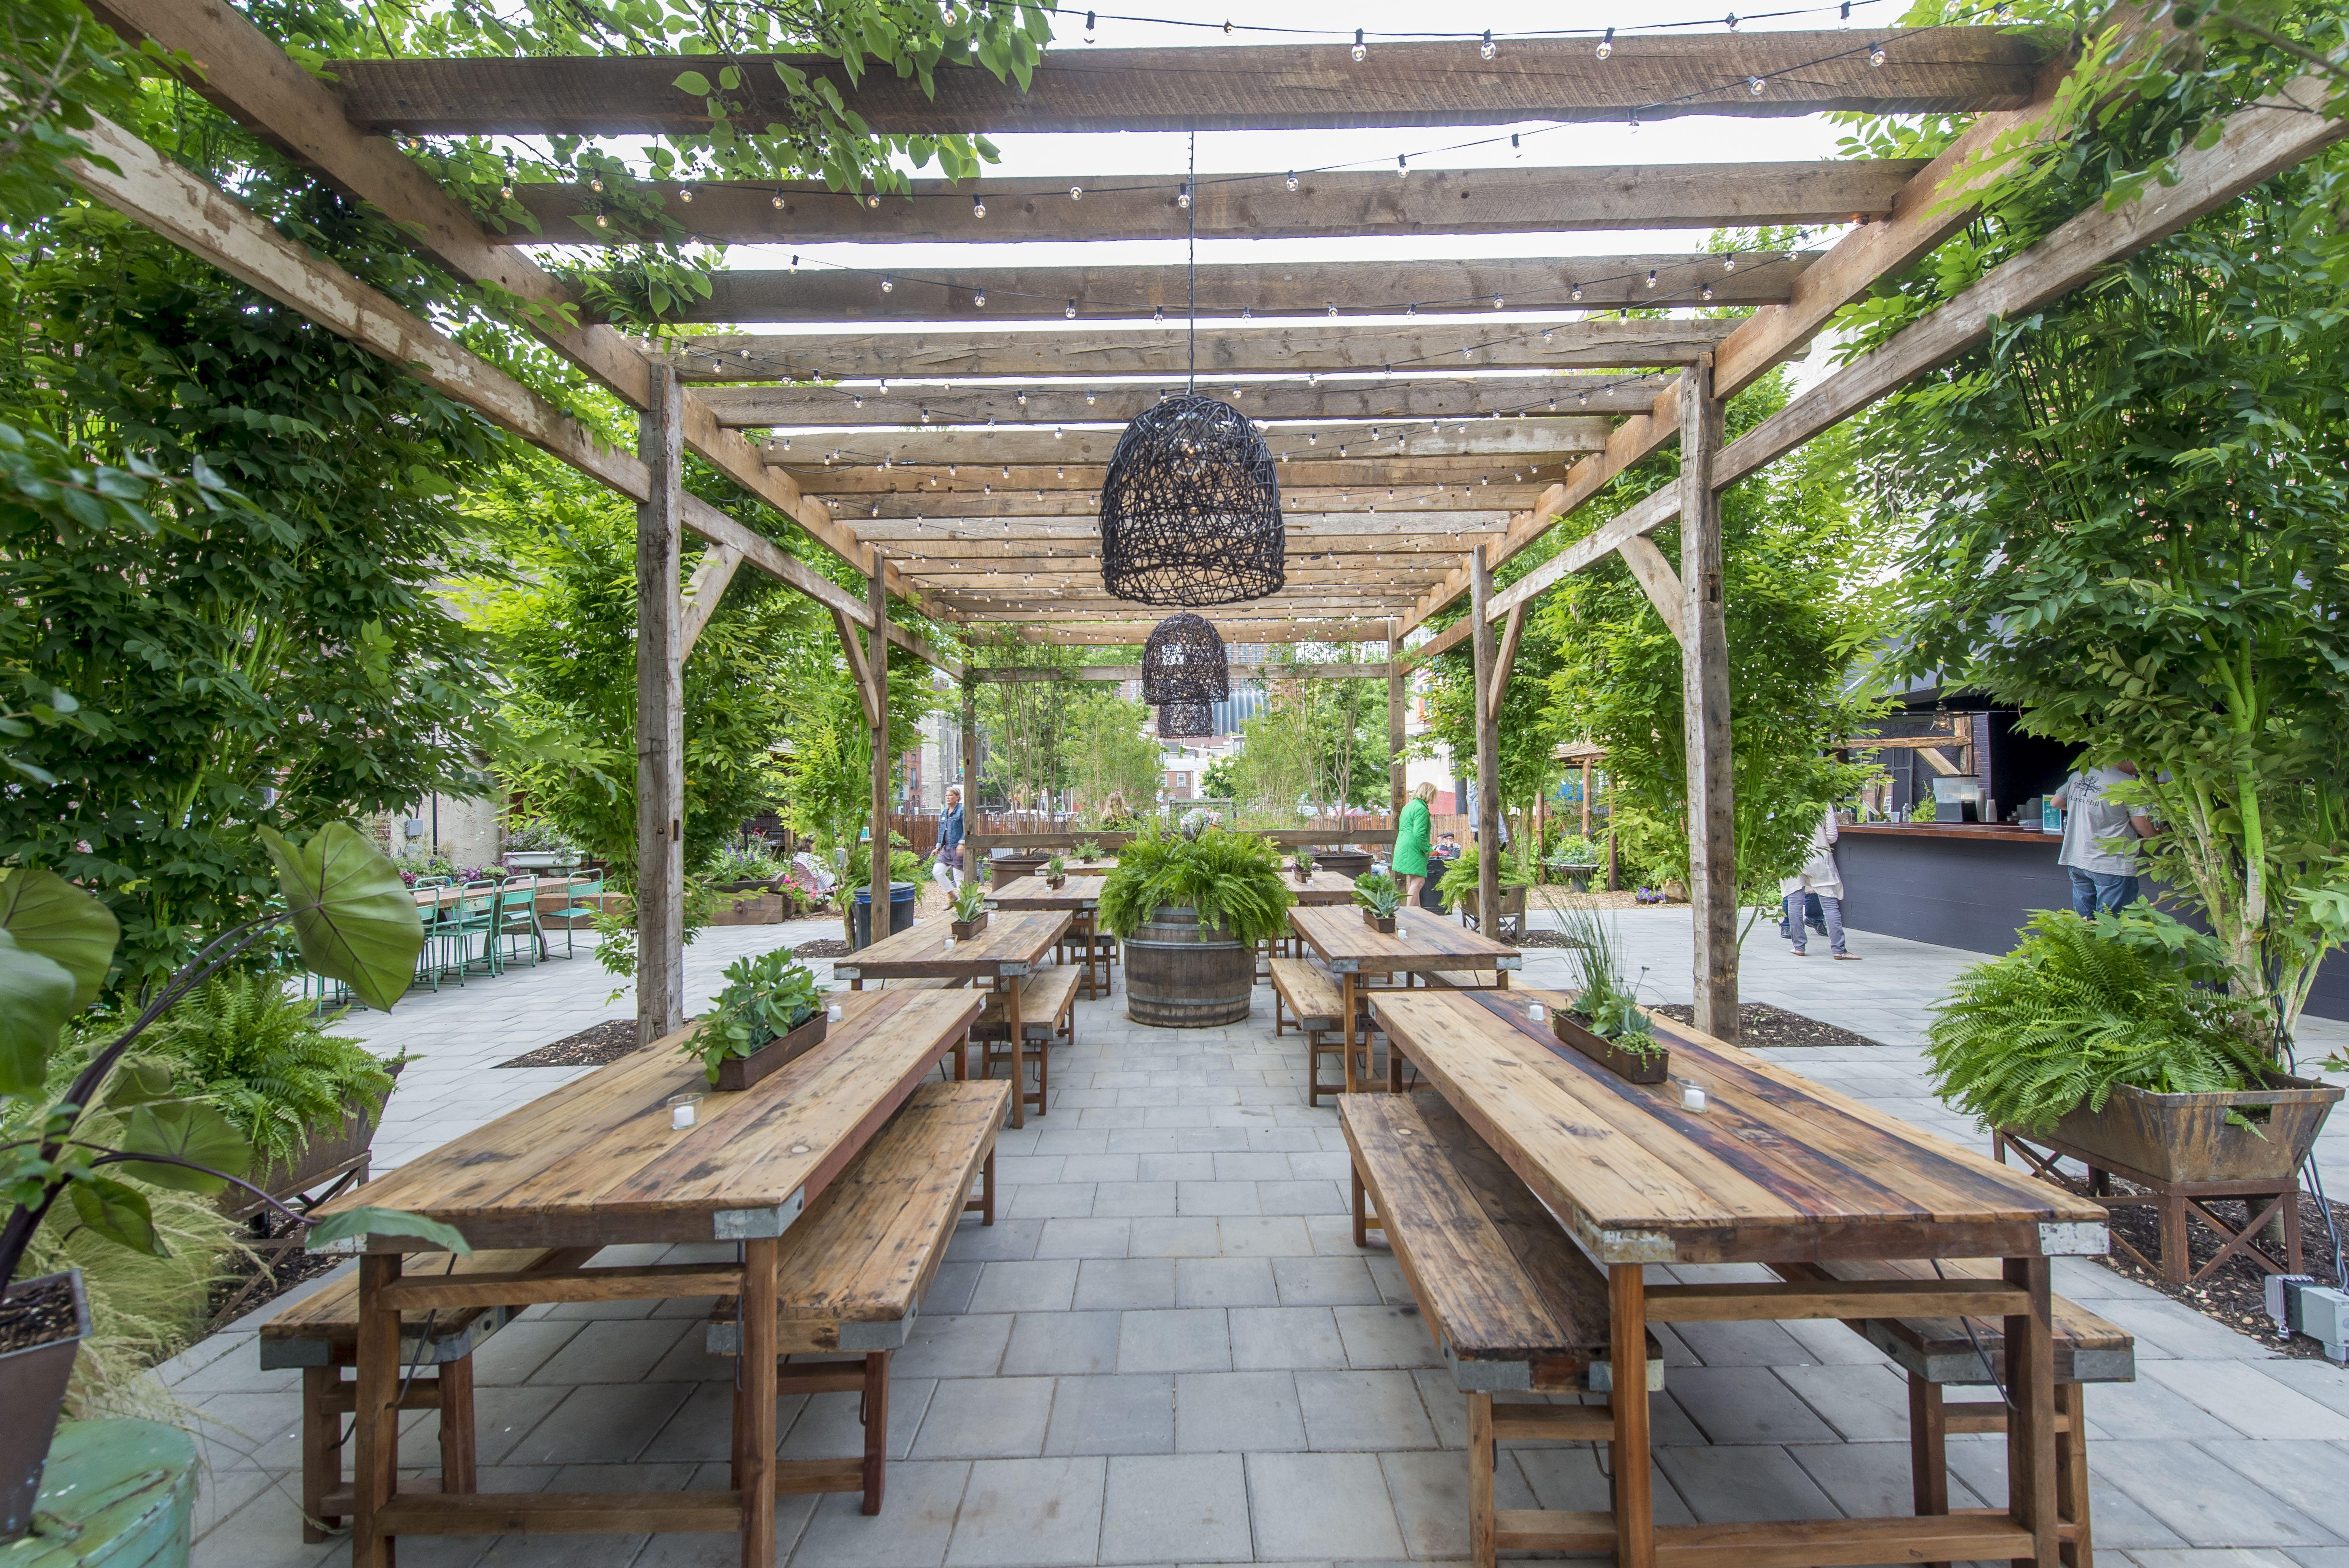 Outdoor Restaurant Patio Outdoor Restaurant In 2020 Outdoor Restaurant Patio Restaurant Patio Outdoor Restaurant